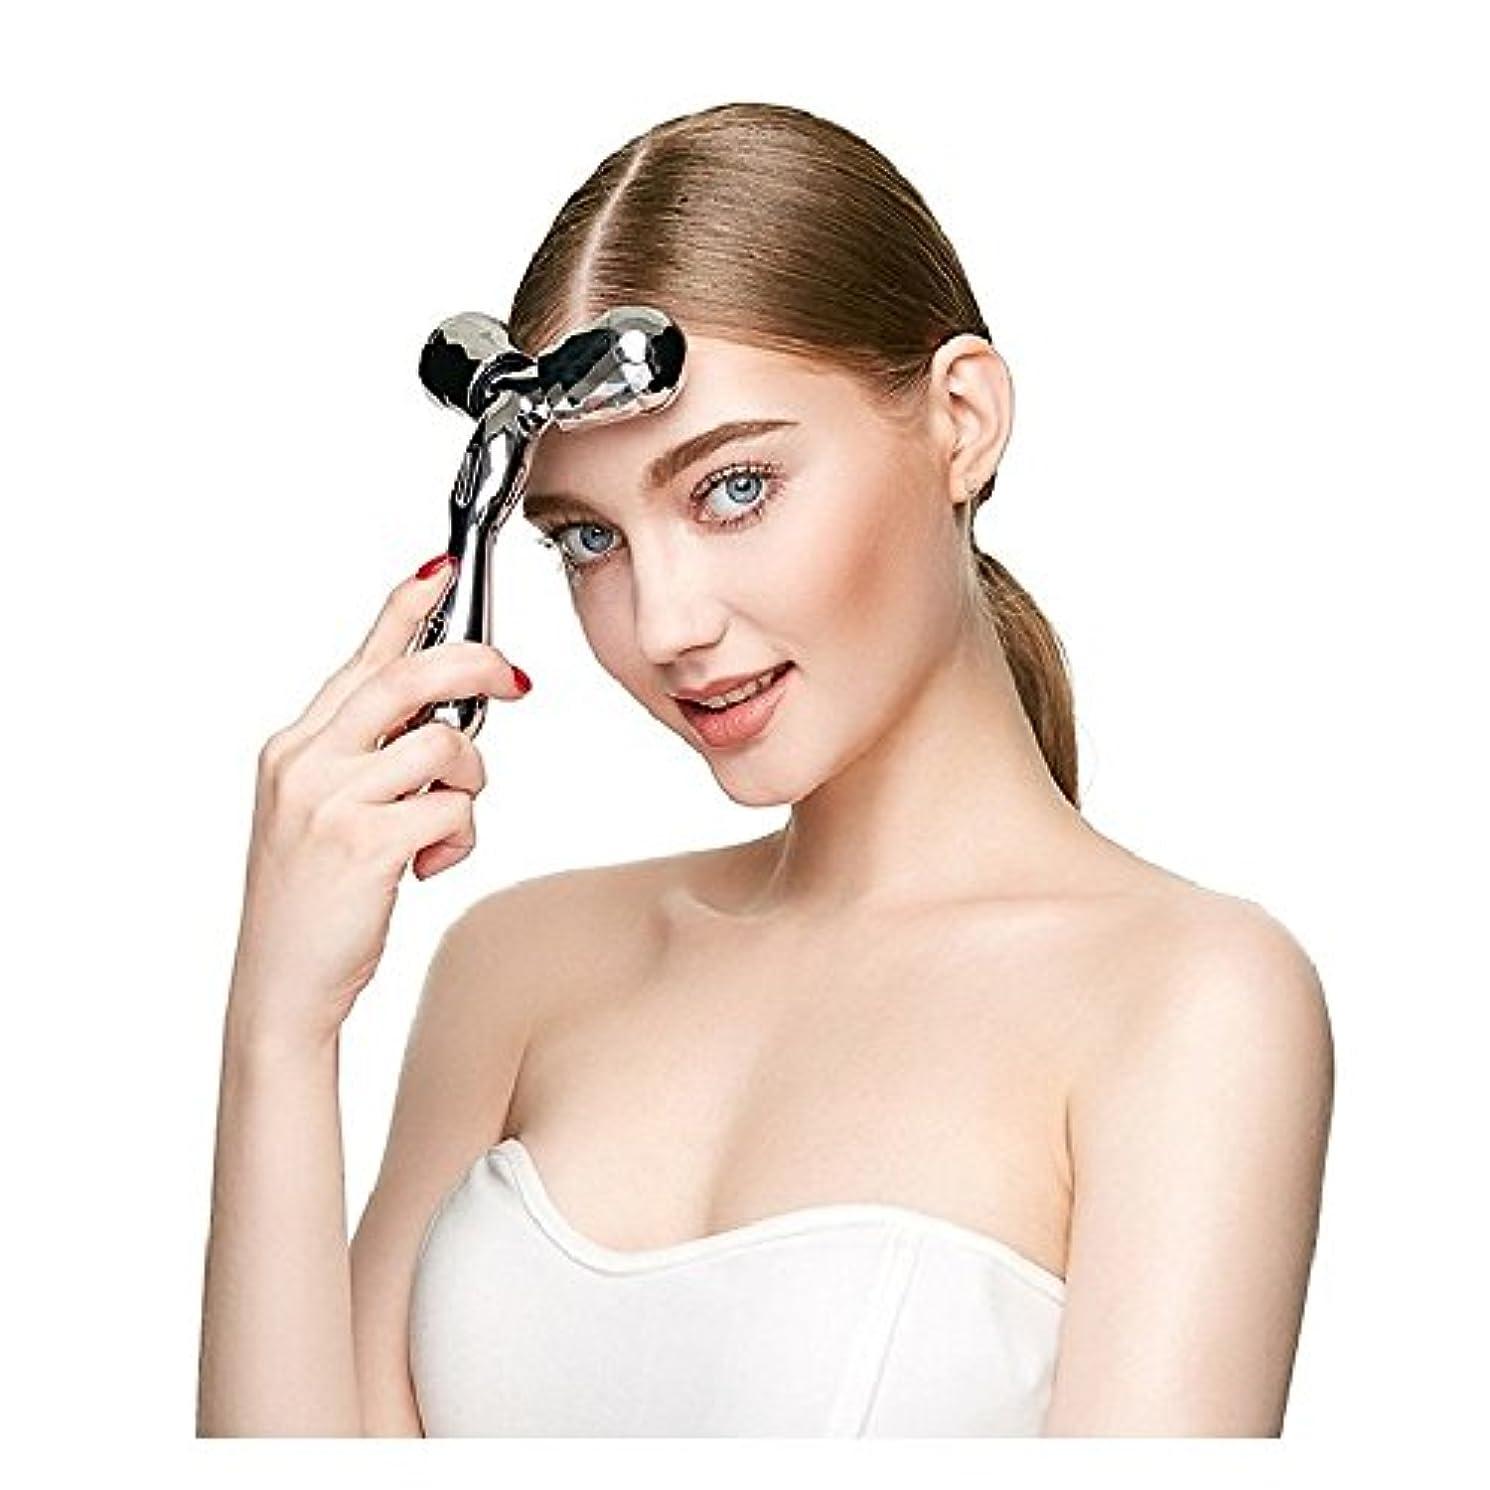 3 Dボディマッサージ器マイクロフェイス薄い顔マッサージローラー